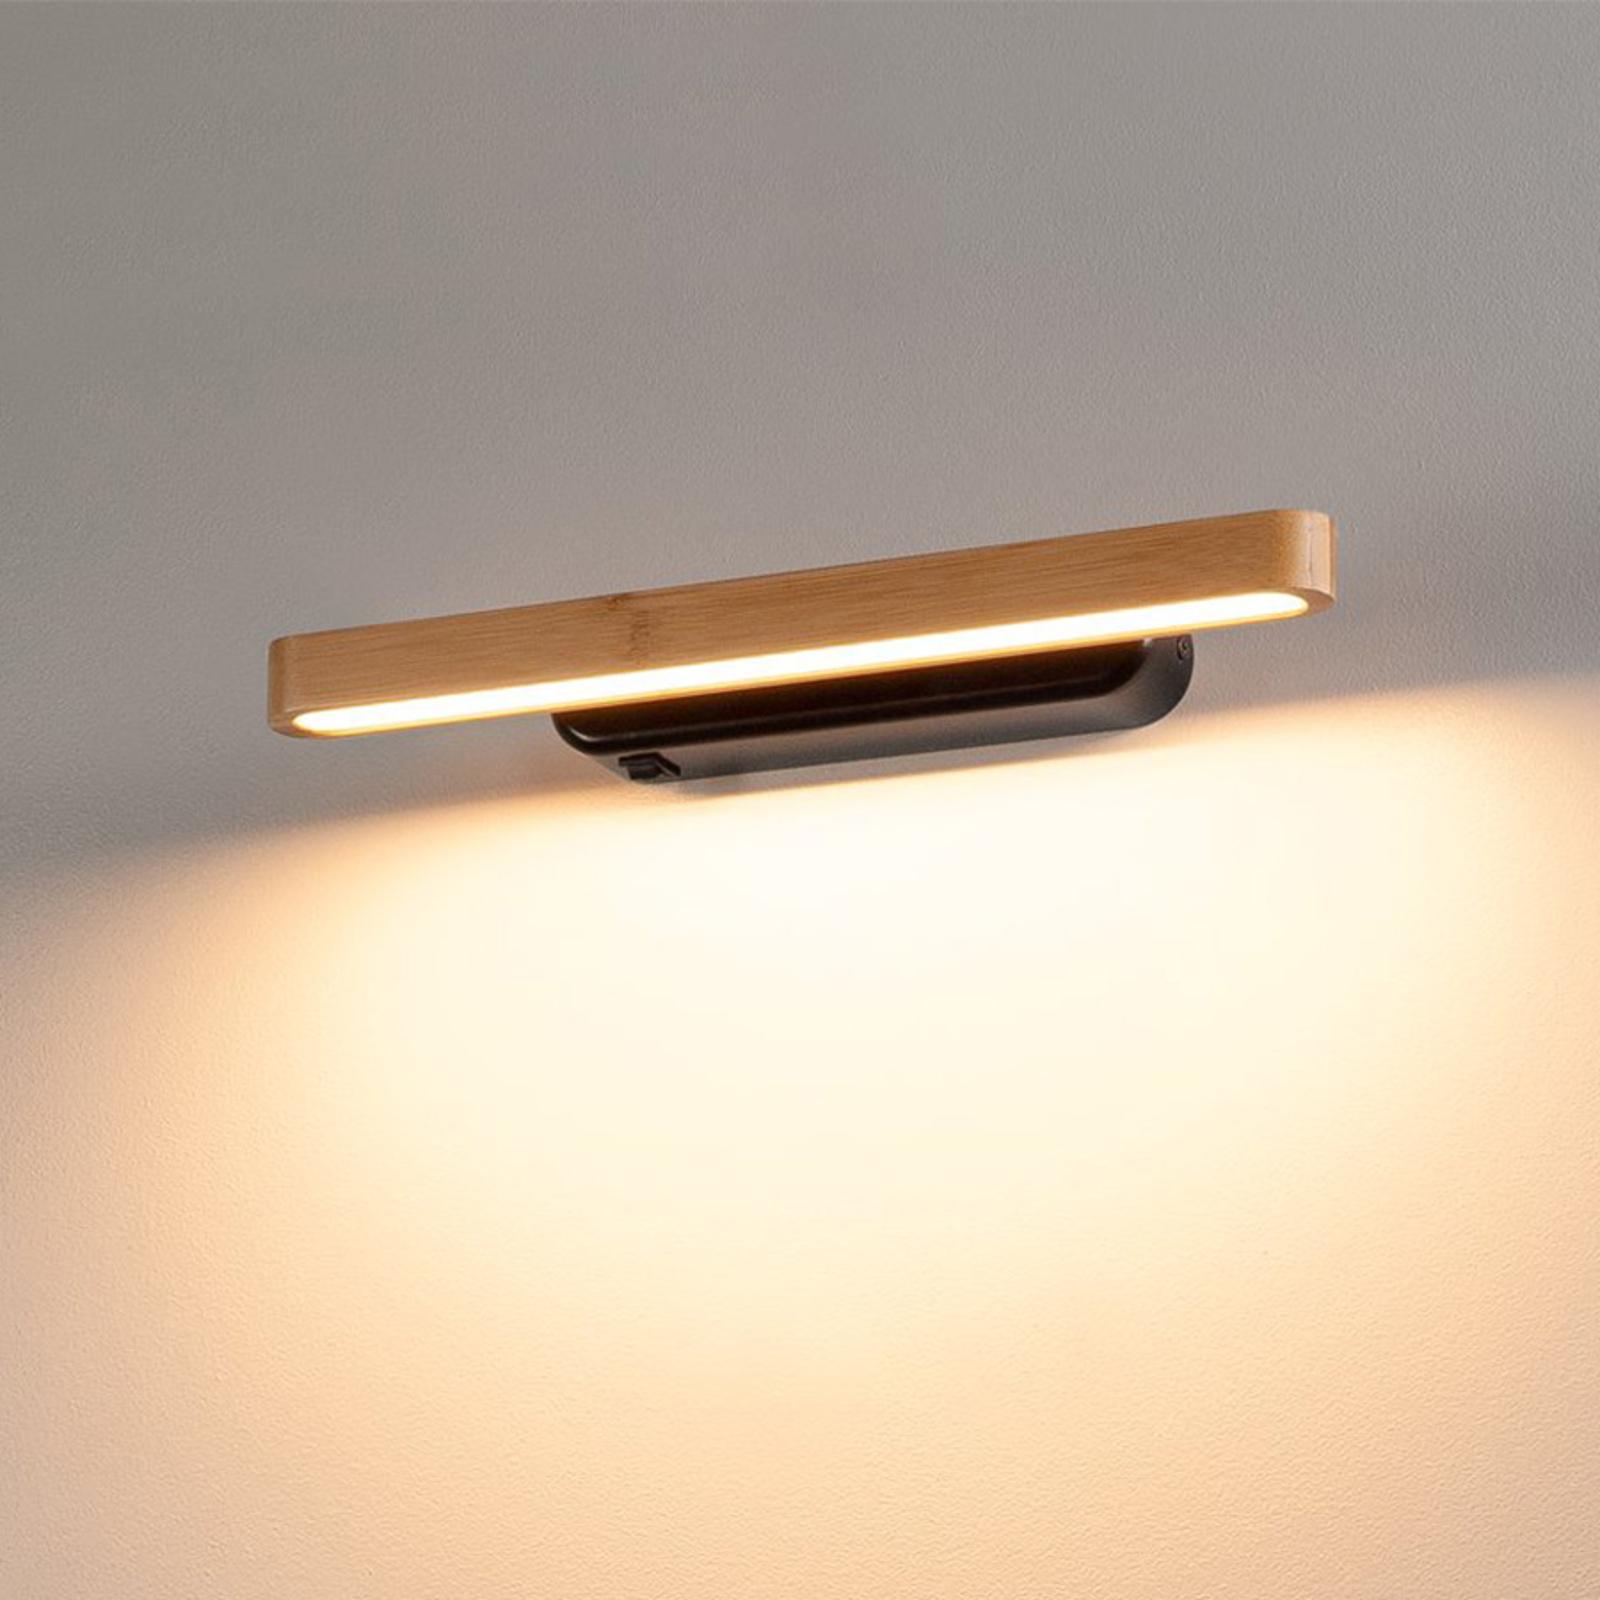 SLV Vincelli D applique LED profondeur 10,4cm